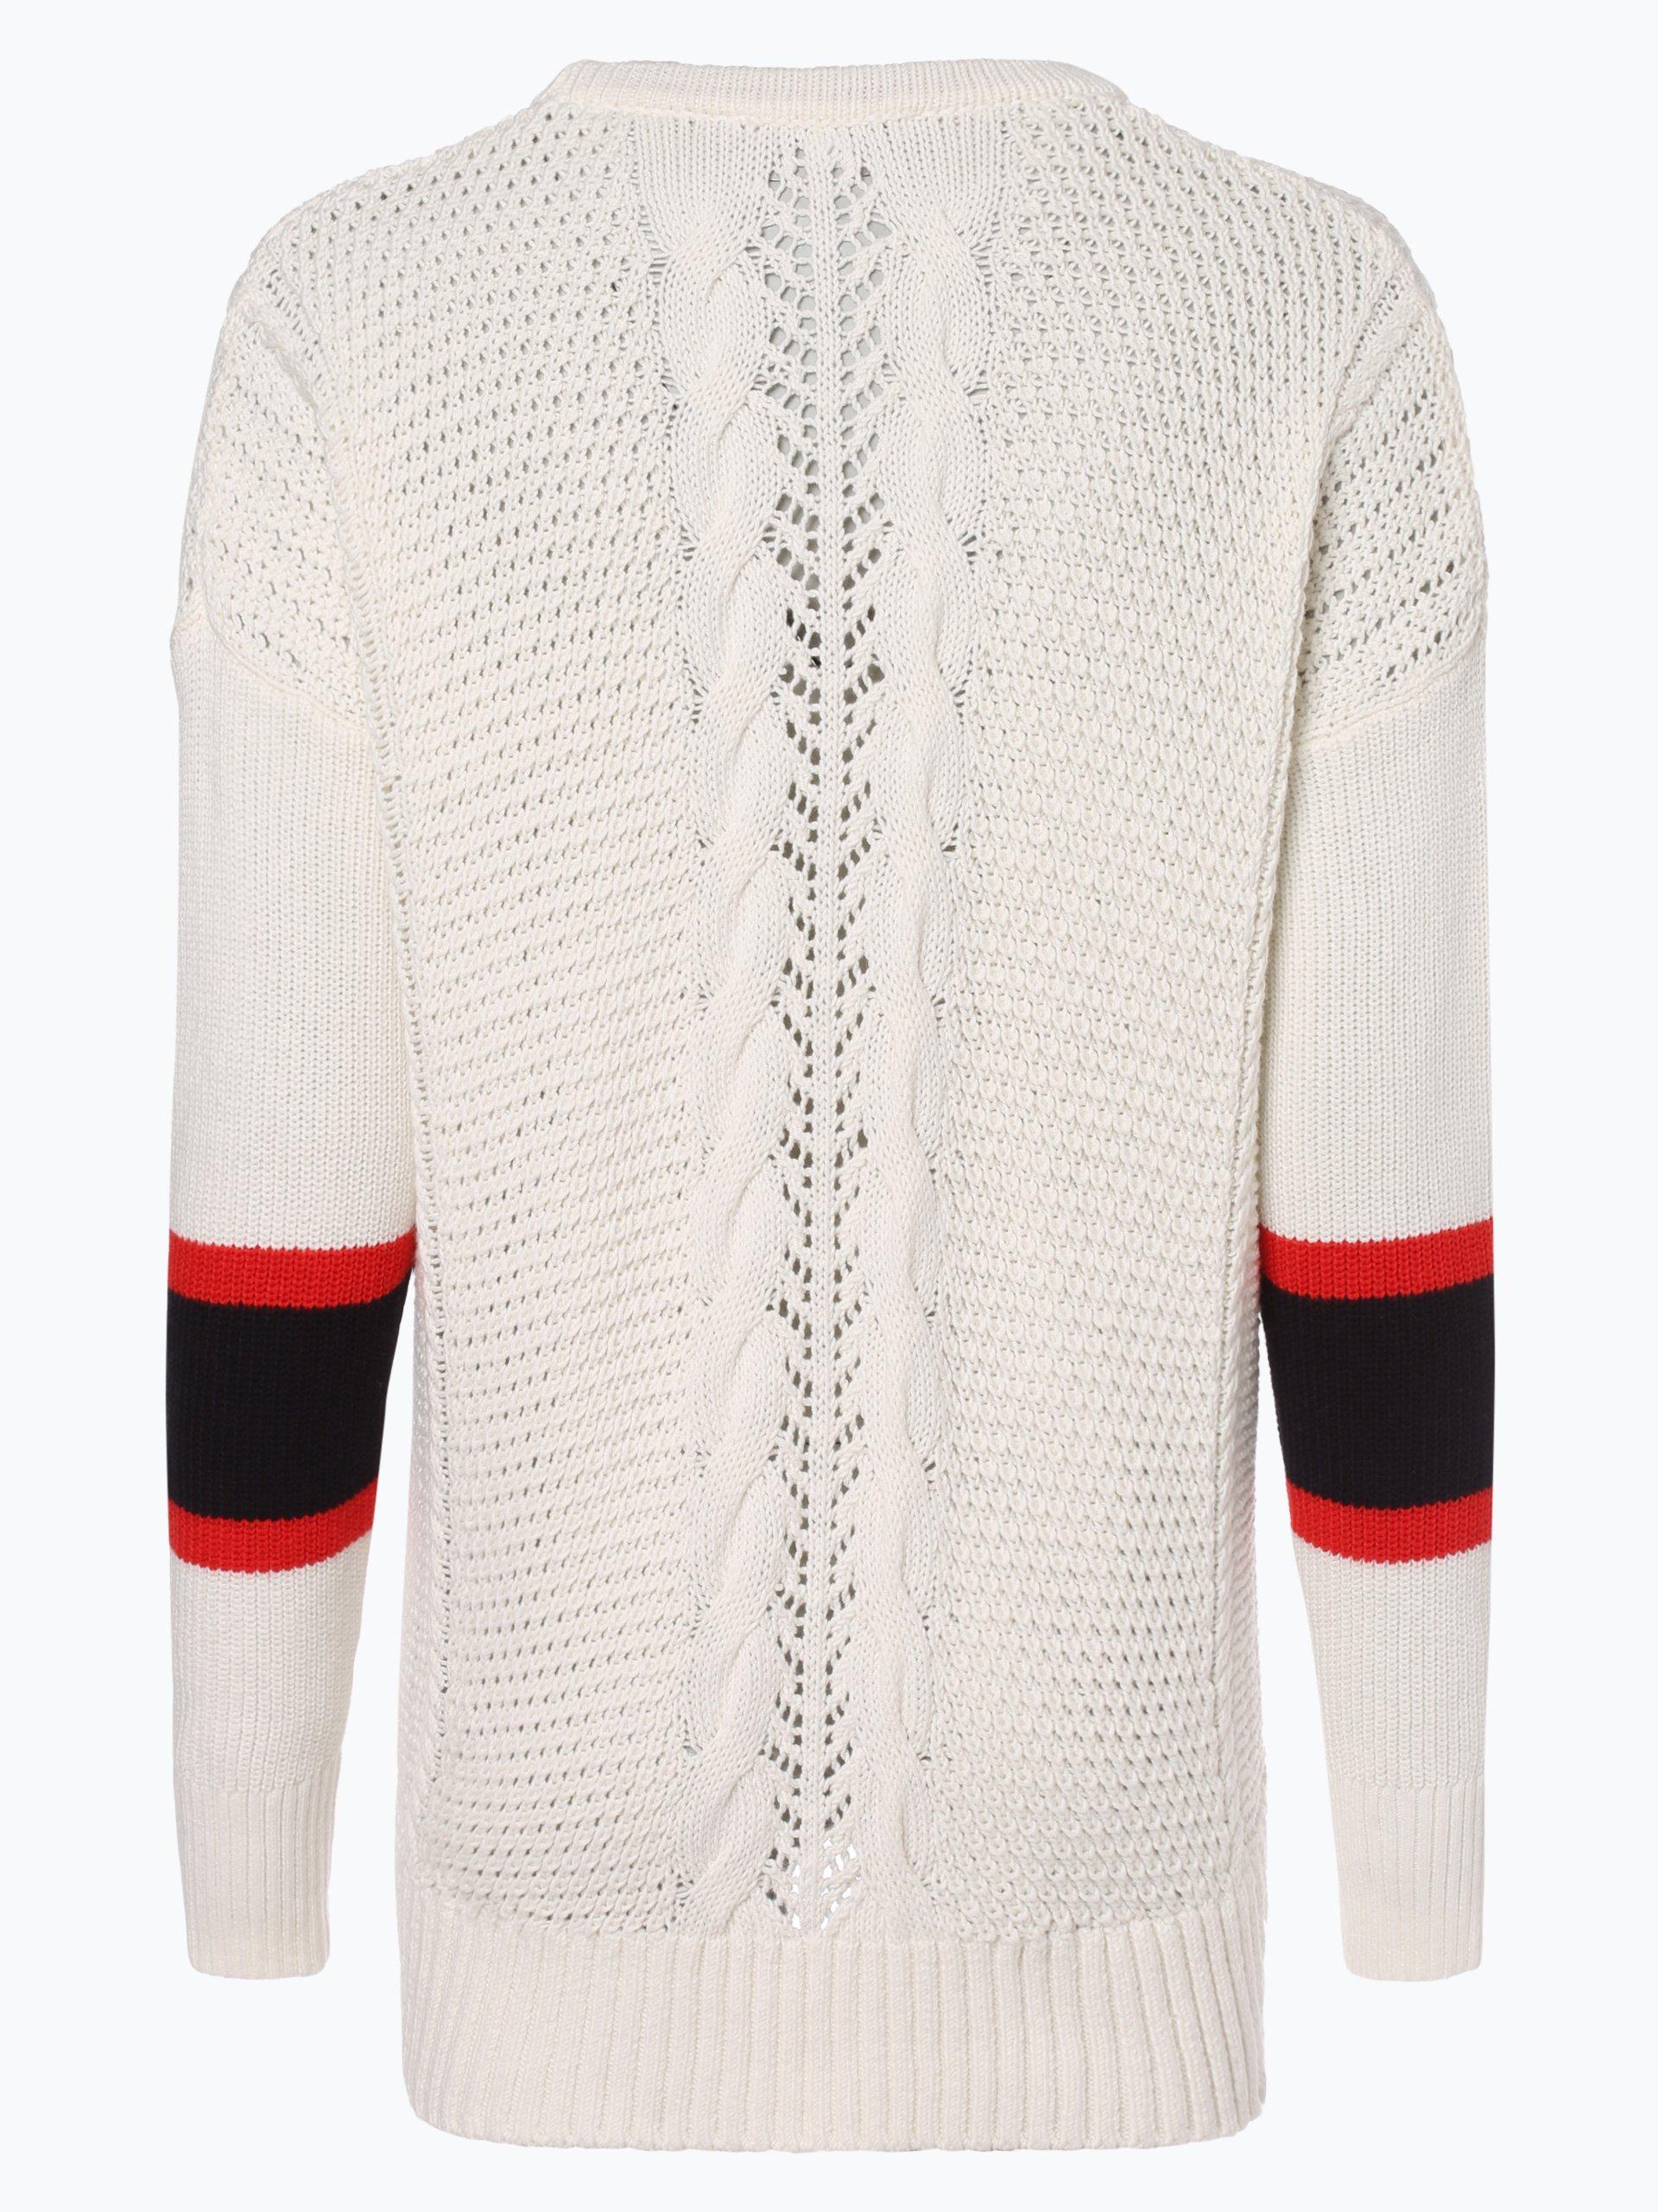 Tommy Hilfiger Damen Pullover - Verlene